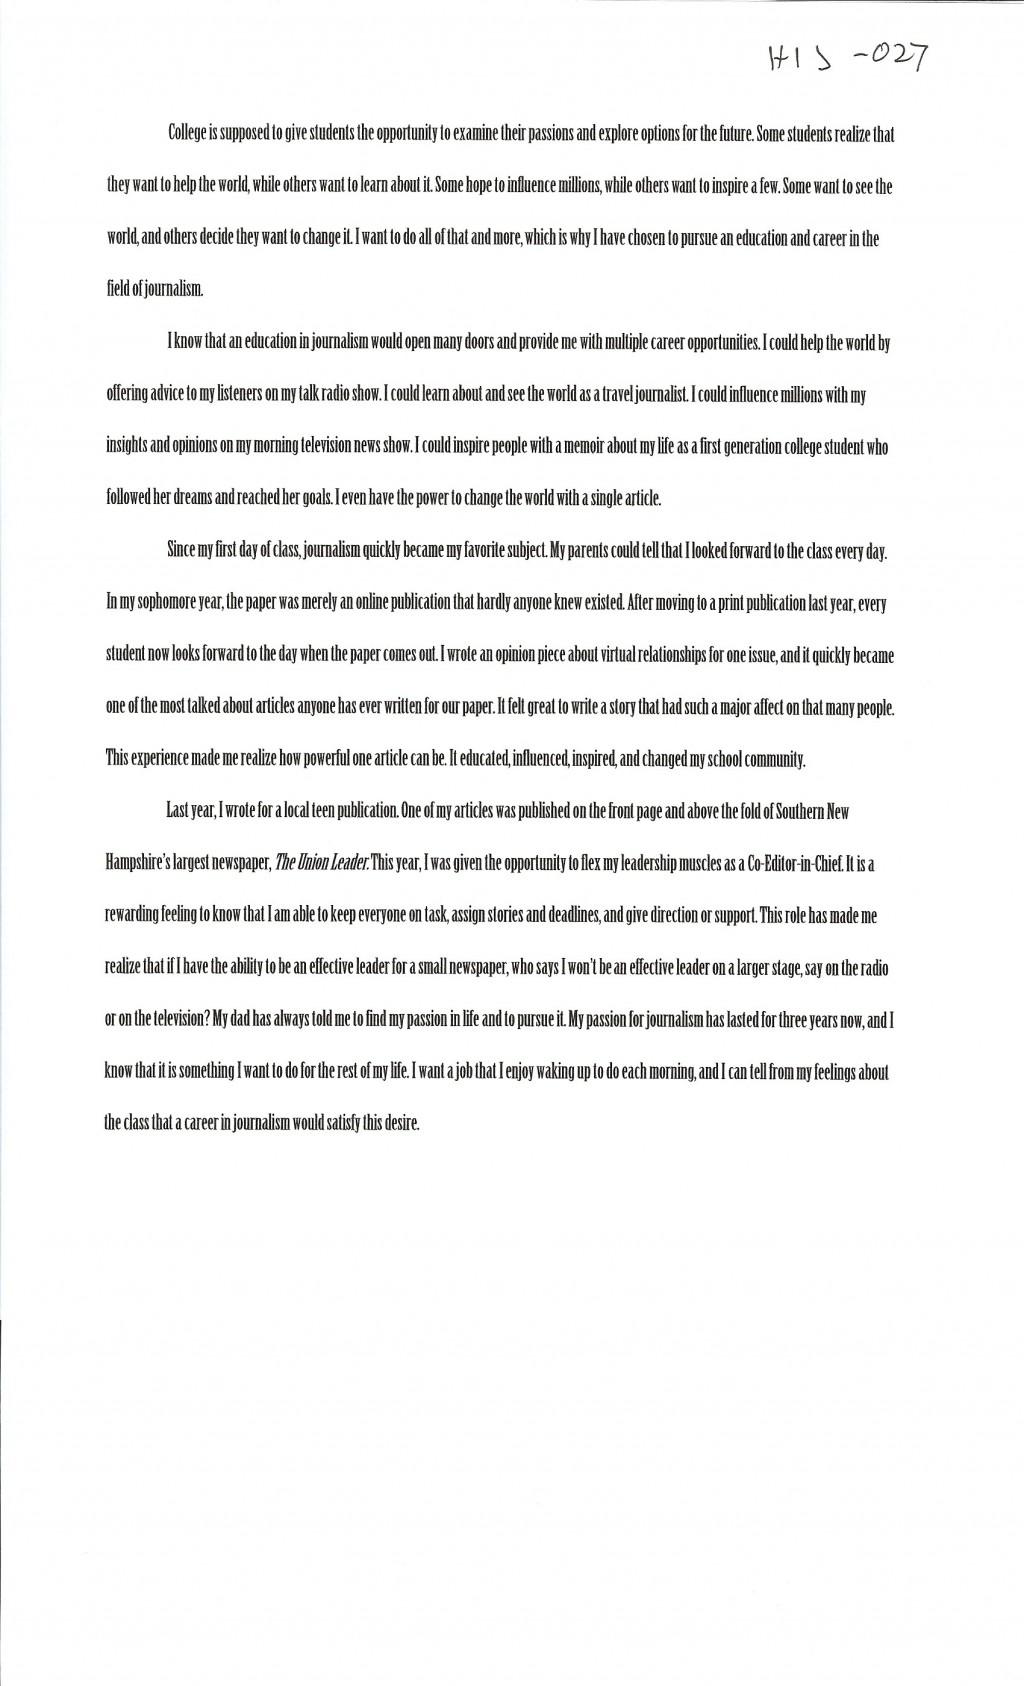 001 Essay Example Alexa Serrecchia Questbridge Stirring Essays College Match That Worked Large